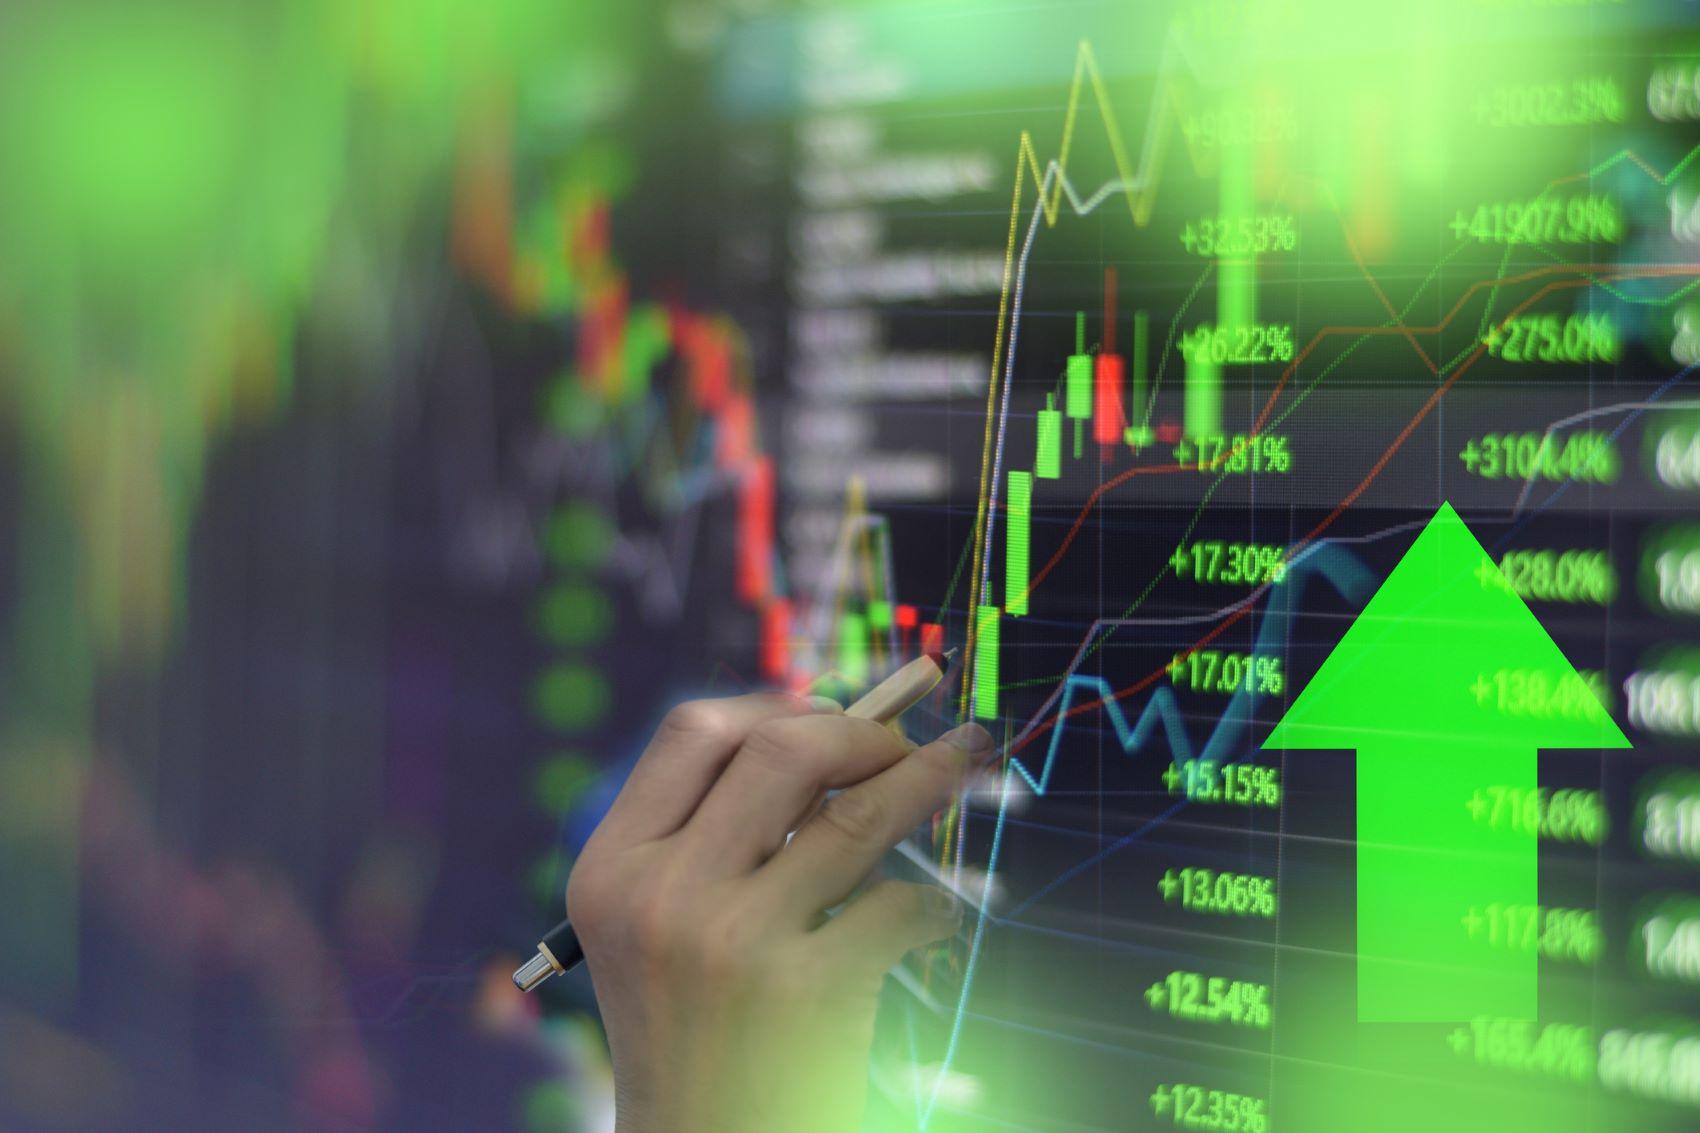 Ibovespa Futuro opera entre perdas e ganhos em dia de feriado nos EUA; dólar futuro sobe a R$ 5,38 – InfoMoney